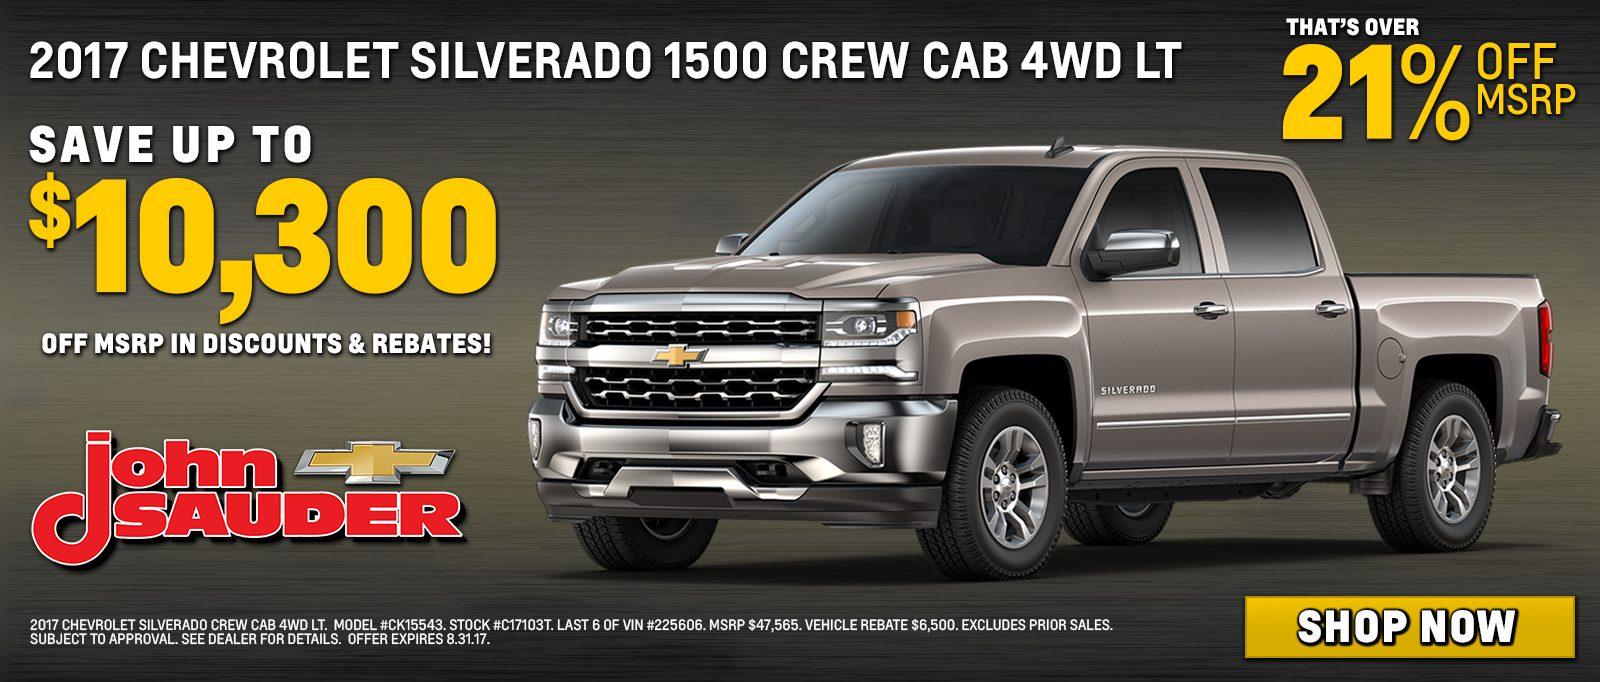 2017 Chevrolet Silverado 1500 Crew Cab LT – 8/17